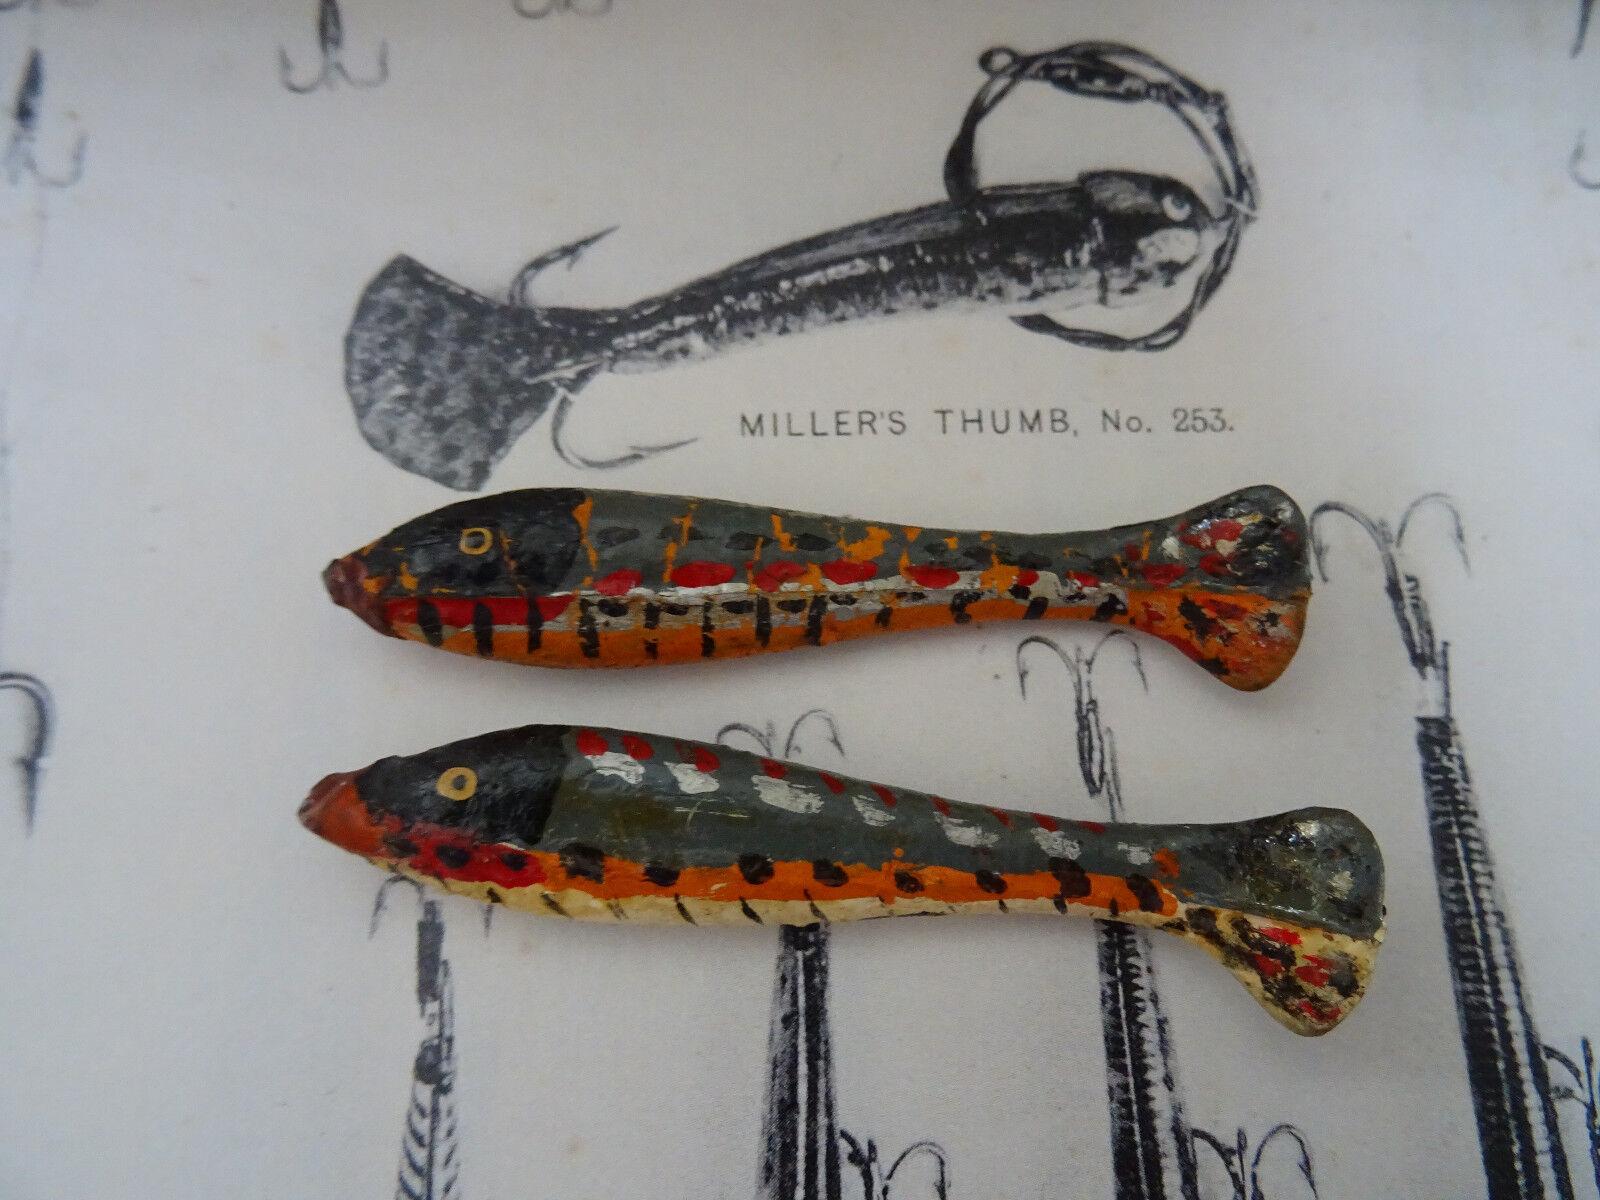 Un par de escaso vintage Gutta Percha Miller's Pulgar señuelos de pesca